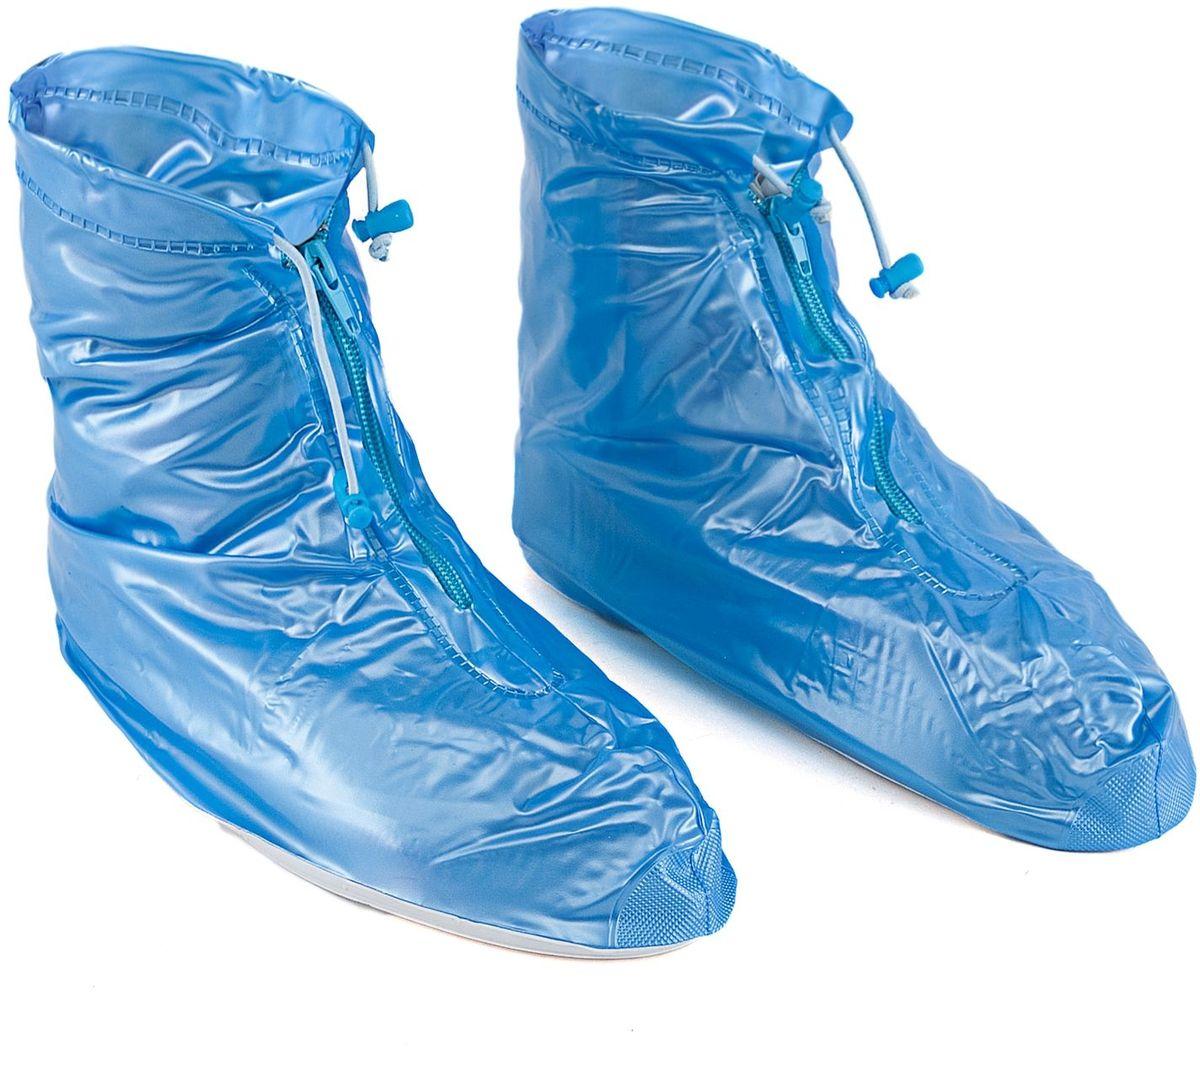 Дождевик для обуви Homsu, на молнии, цвет: голубой. Размер S (35/36)R-117Дожевики для обуви выполнены из прочного водонепроницаемого материала, застегиваются на молнию, благодаря им ваша обувь будет сухой и чистой в любую погоду! Размер изделия: 25,5х13см